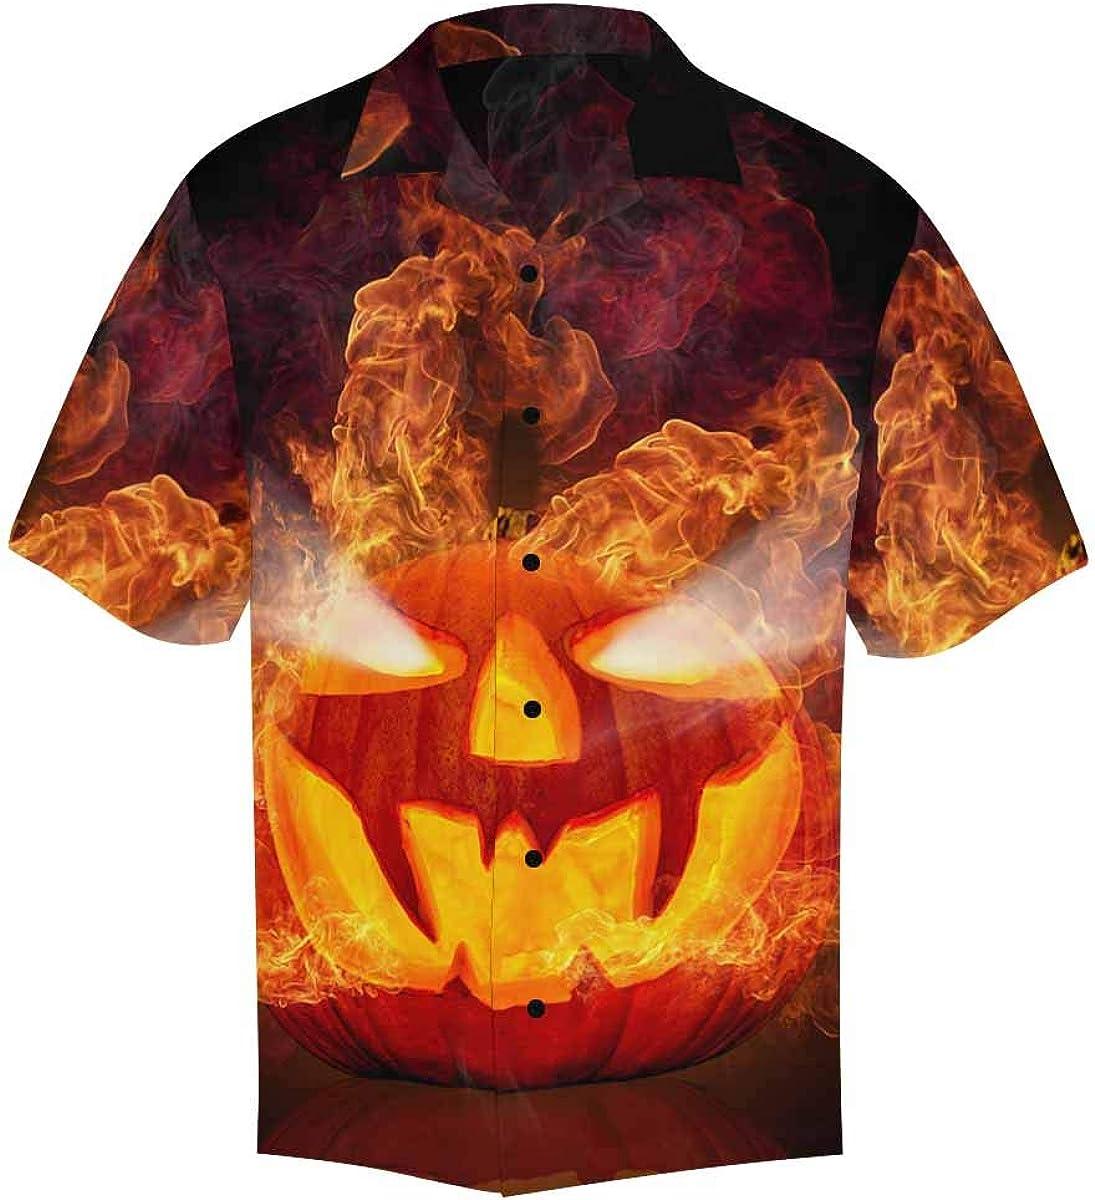 InterestPrint Men's Casual Button Down Short Sleeve Fire Pumpkin Hawaiian Shirt (S-5XL)